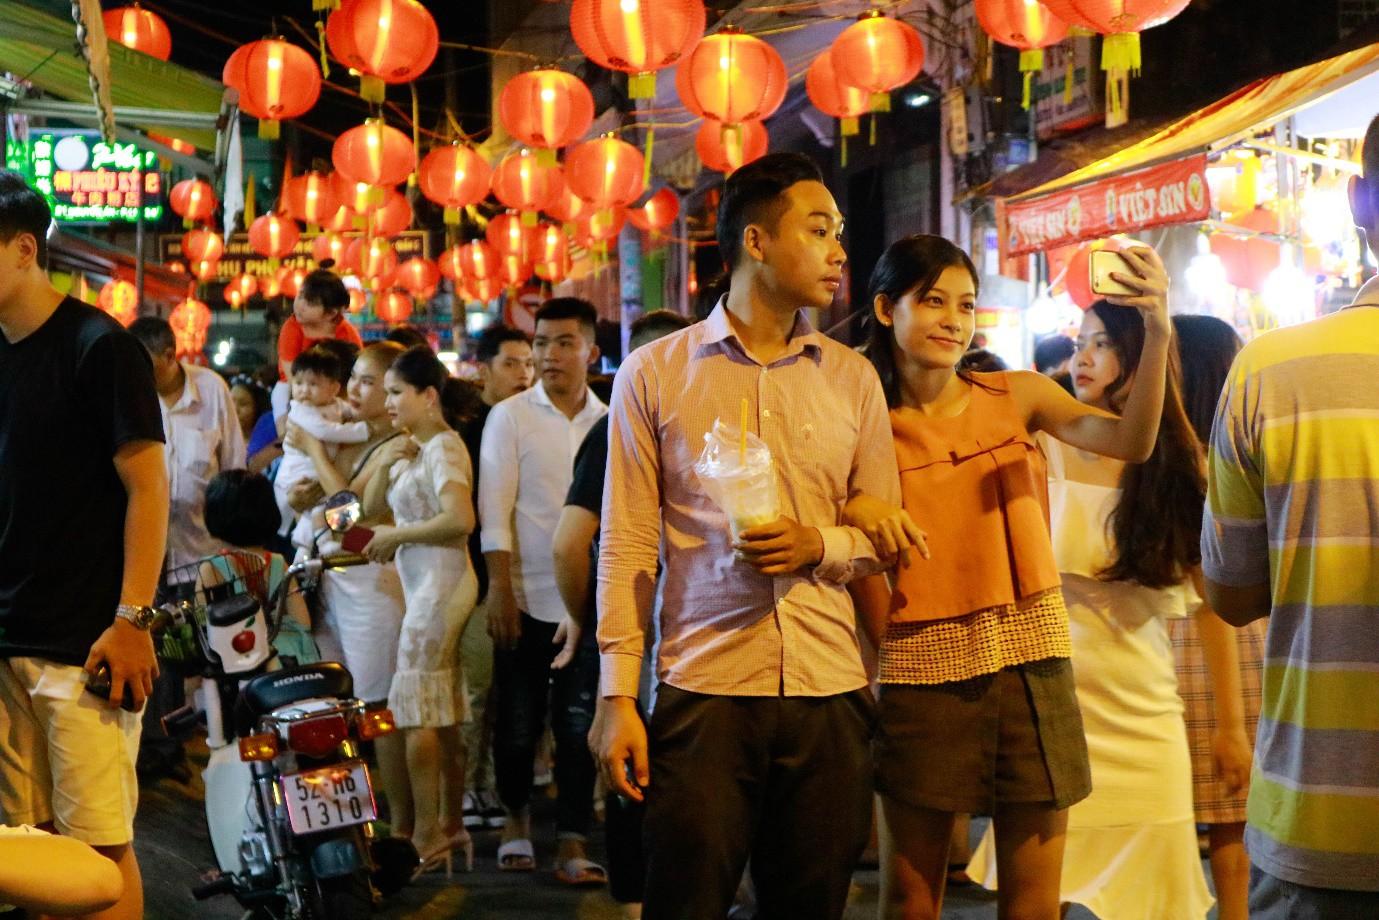 Rộn ràng phố lồng đèn nổi tiếng nhất Sài Gòn mùa Trung thu - Ảnh 7.